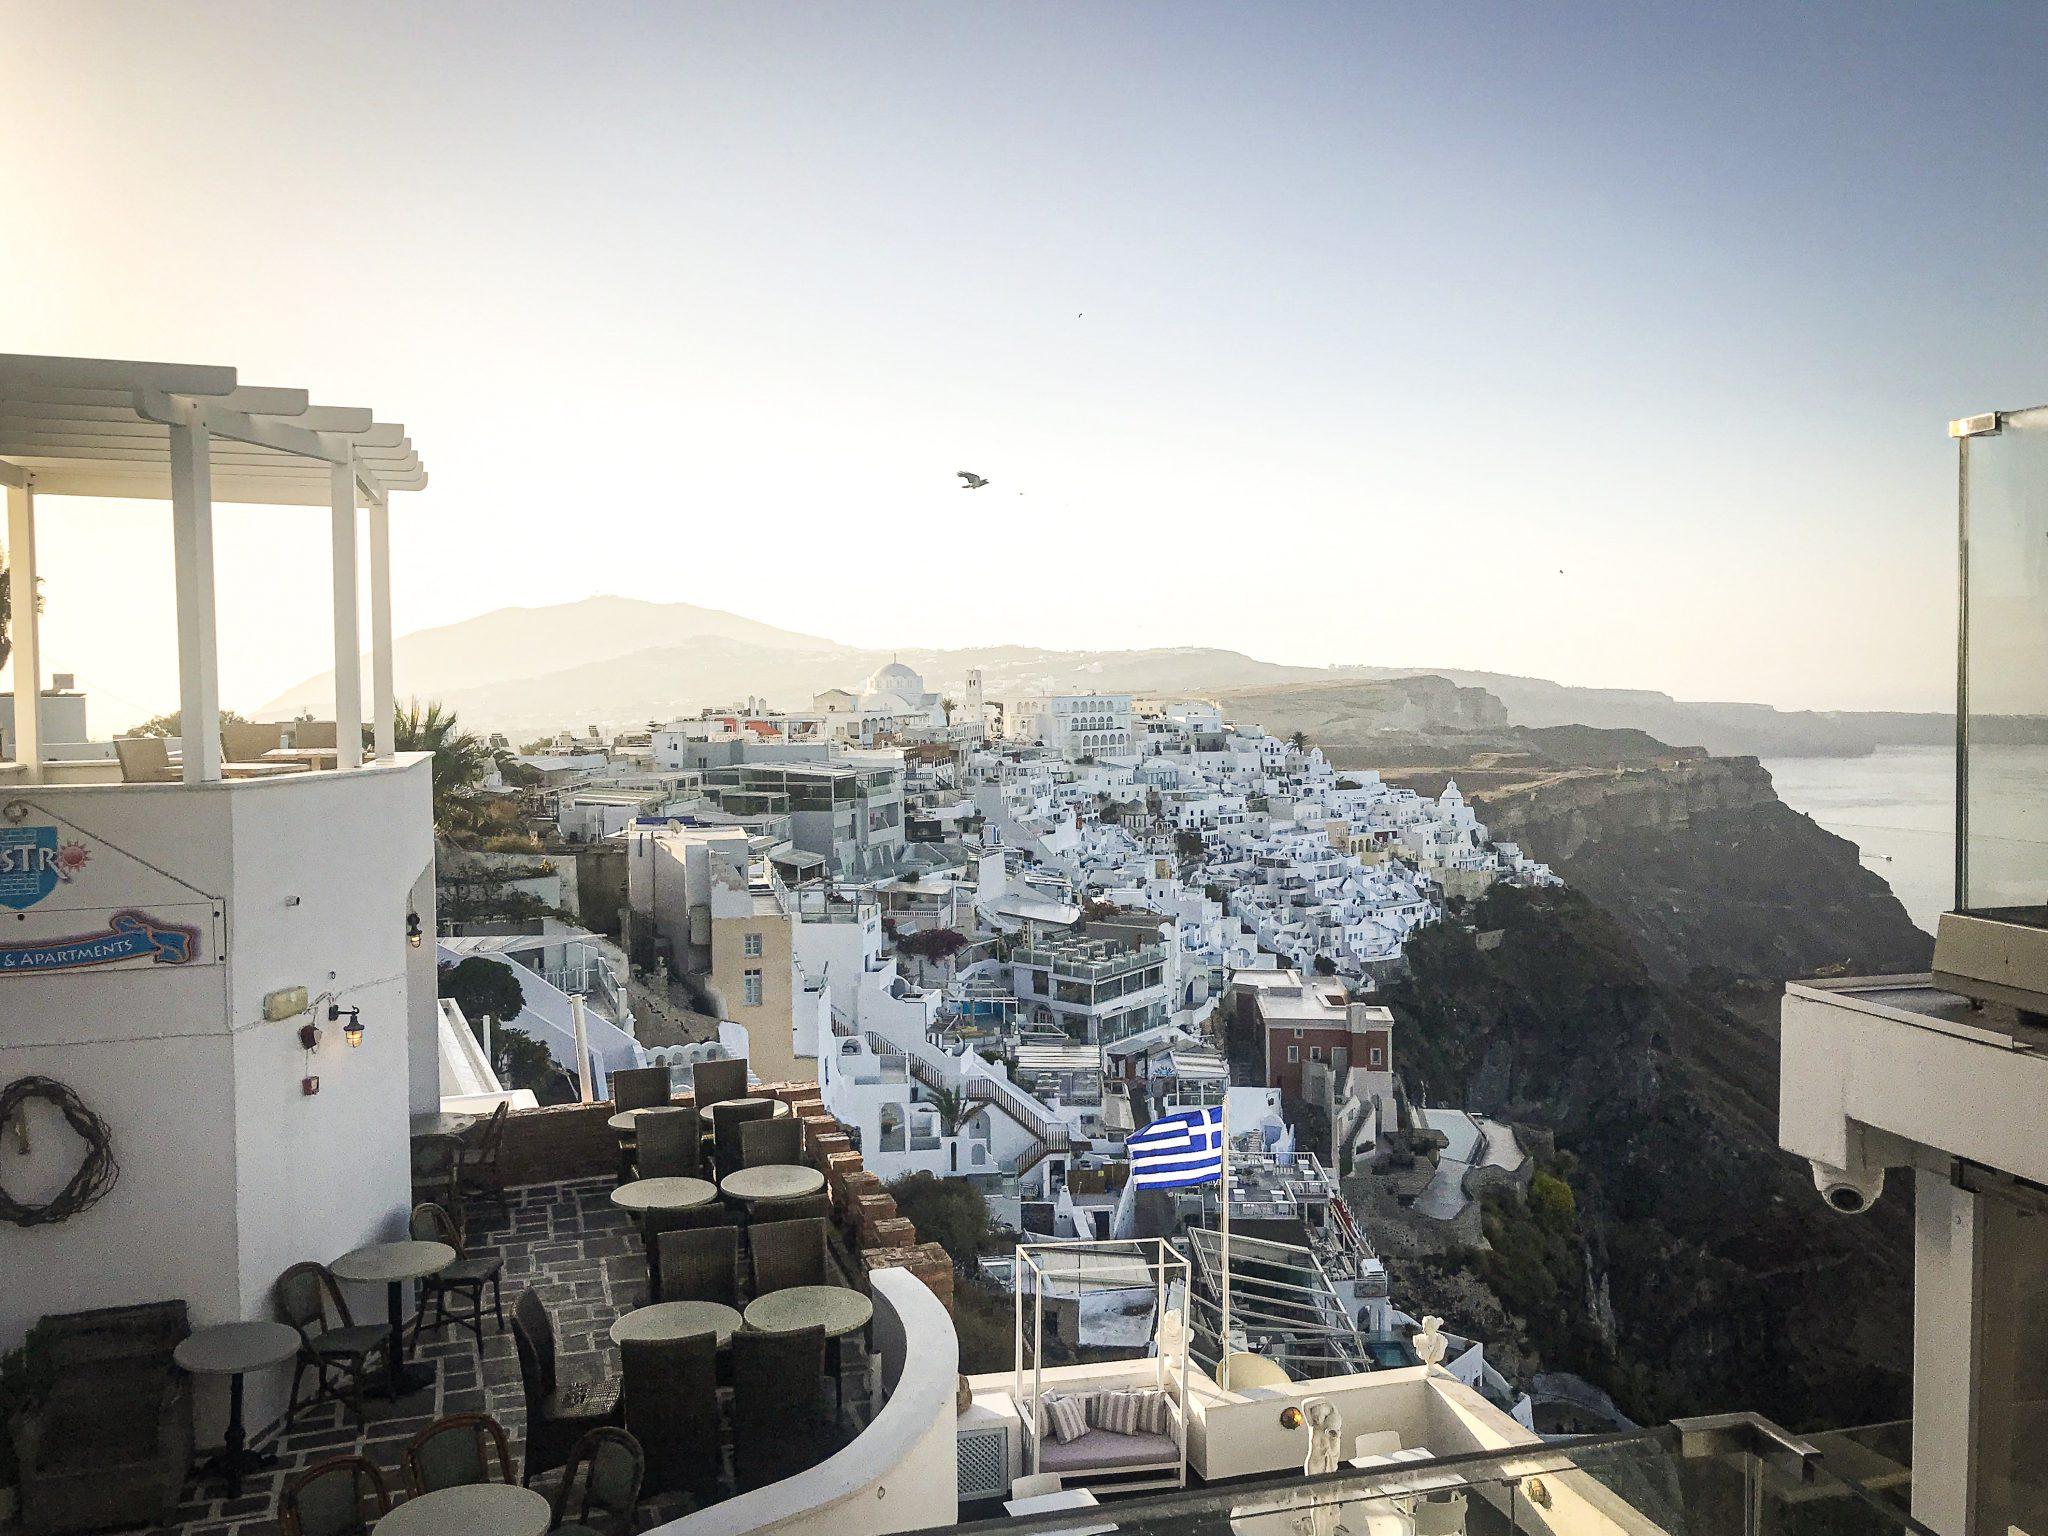 IMG 8794 - Greckie Santorini w listopadzie